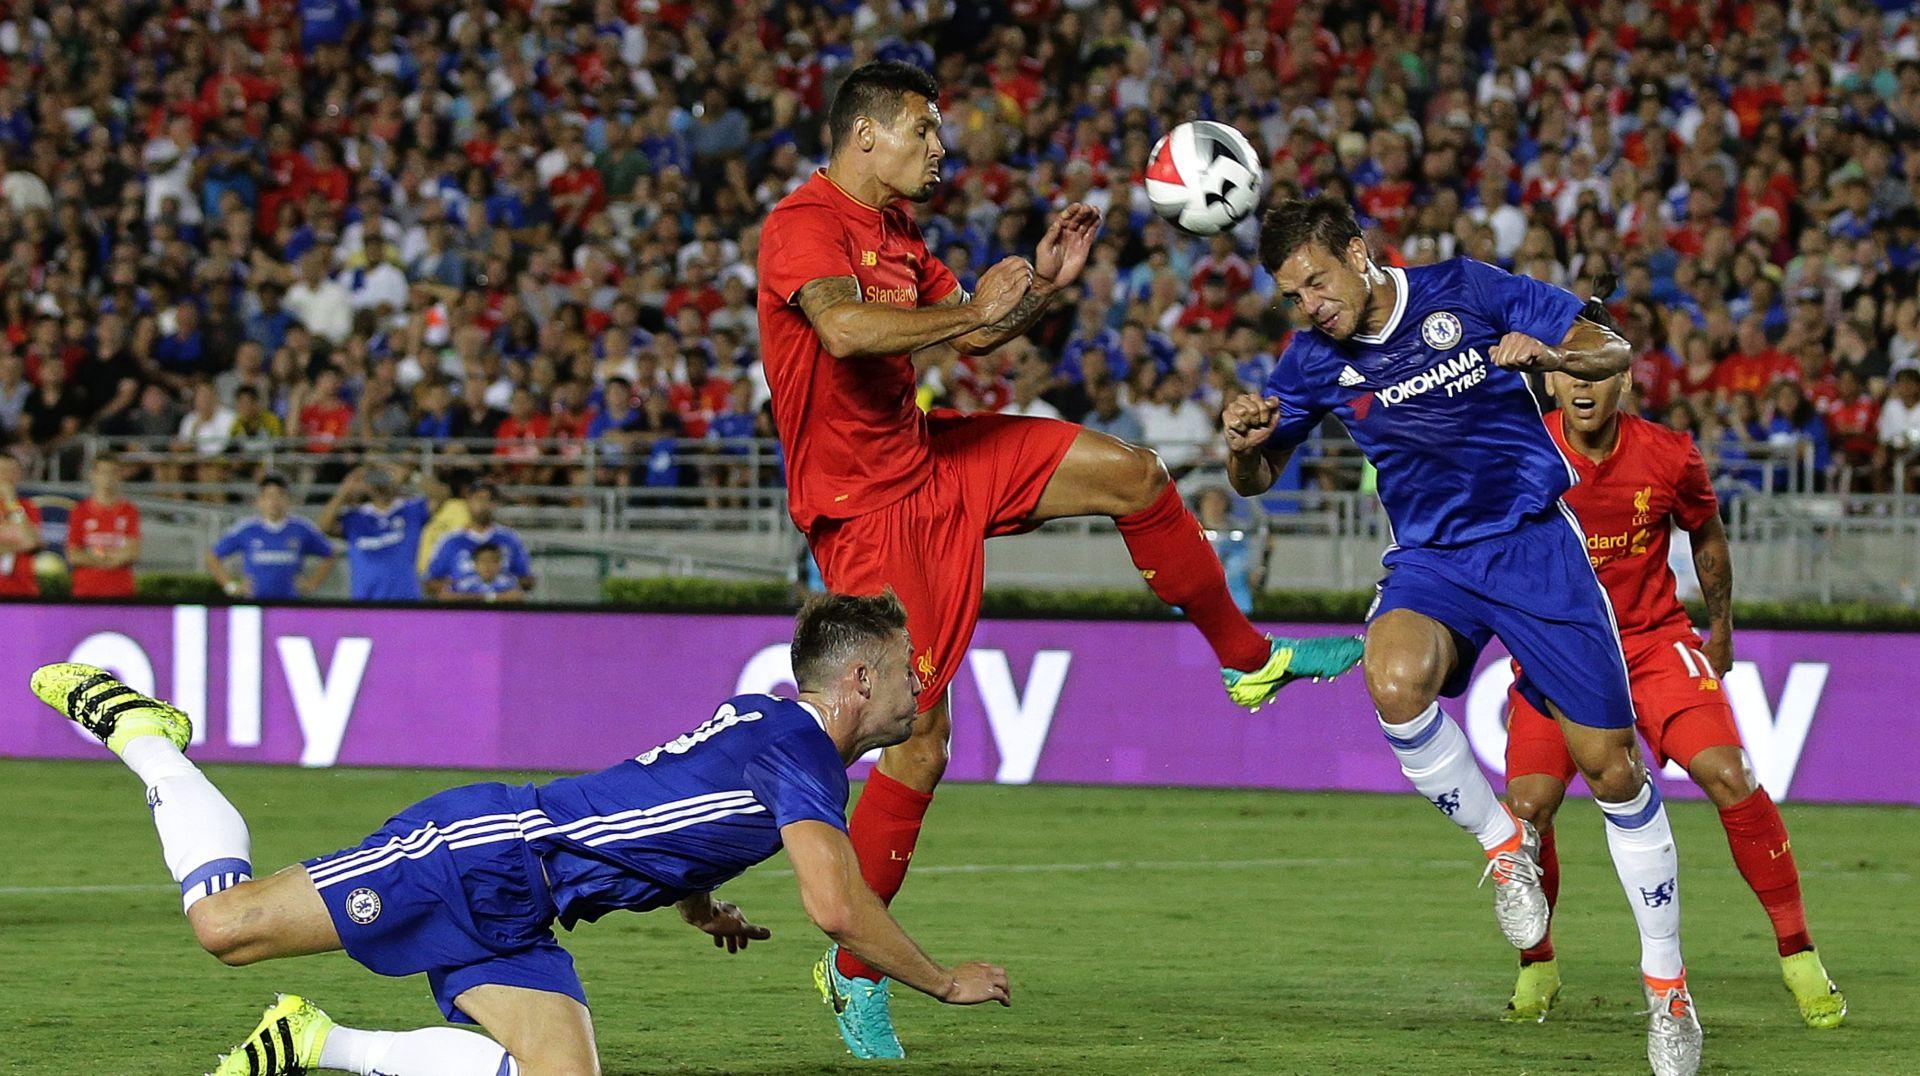 VIDEO: FABREGAS POCRVENIO U PRIJATELJSKOM SUSRETU Chelsea pobijedio Liverpool